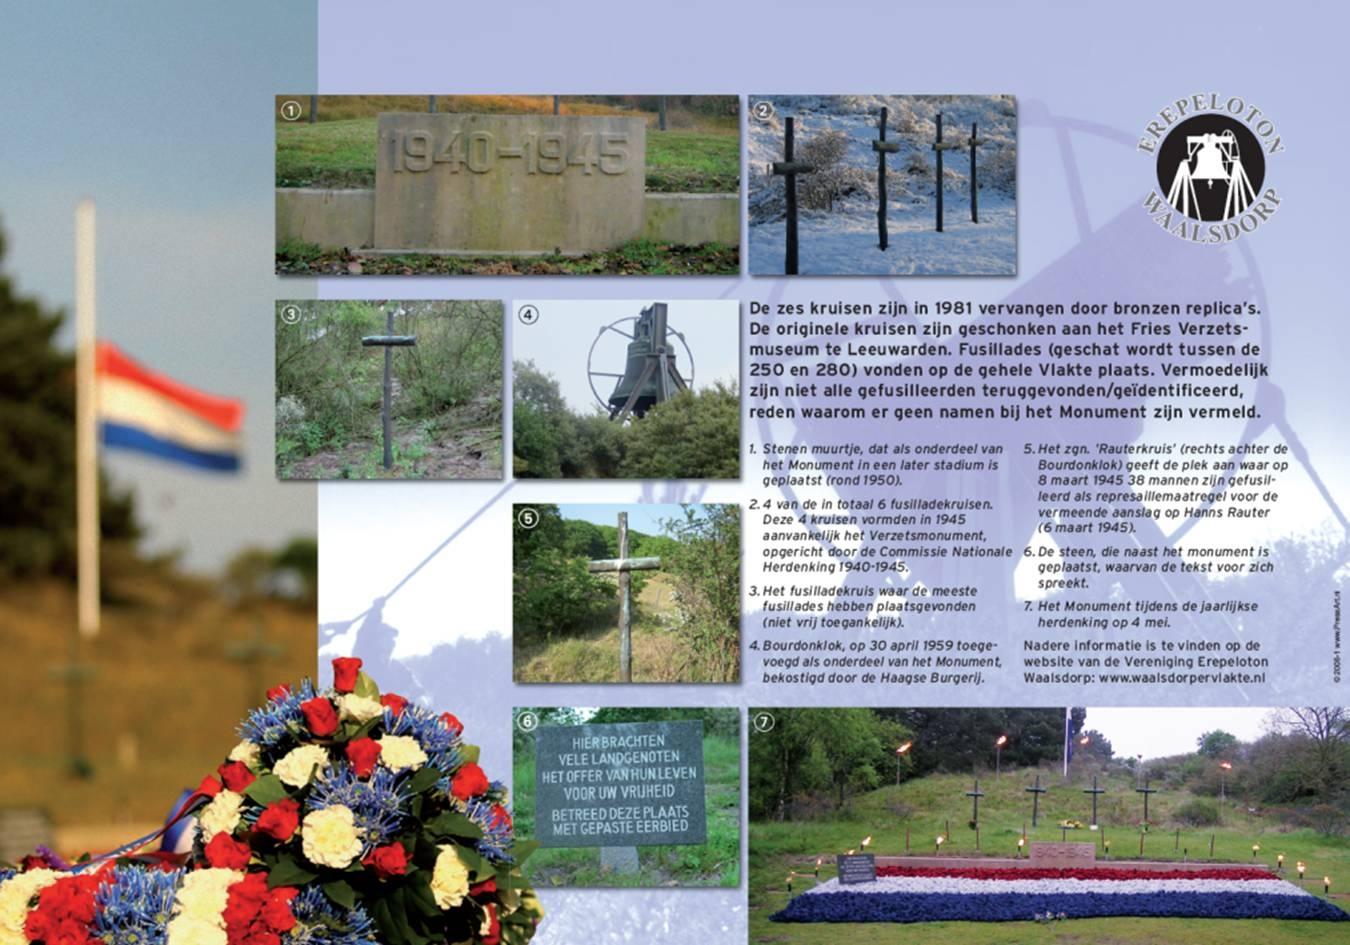 Informatiebord bij het monument (foto: Vereniging Erepeloton Waalsdorp)